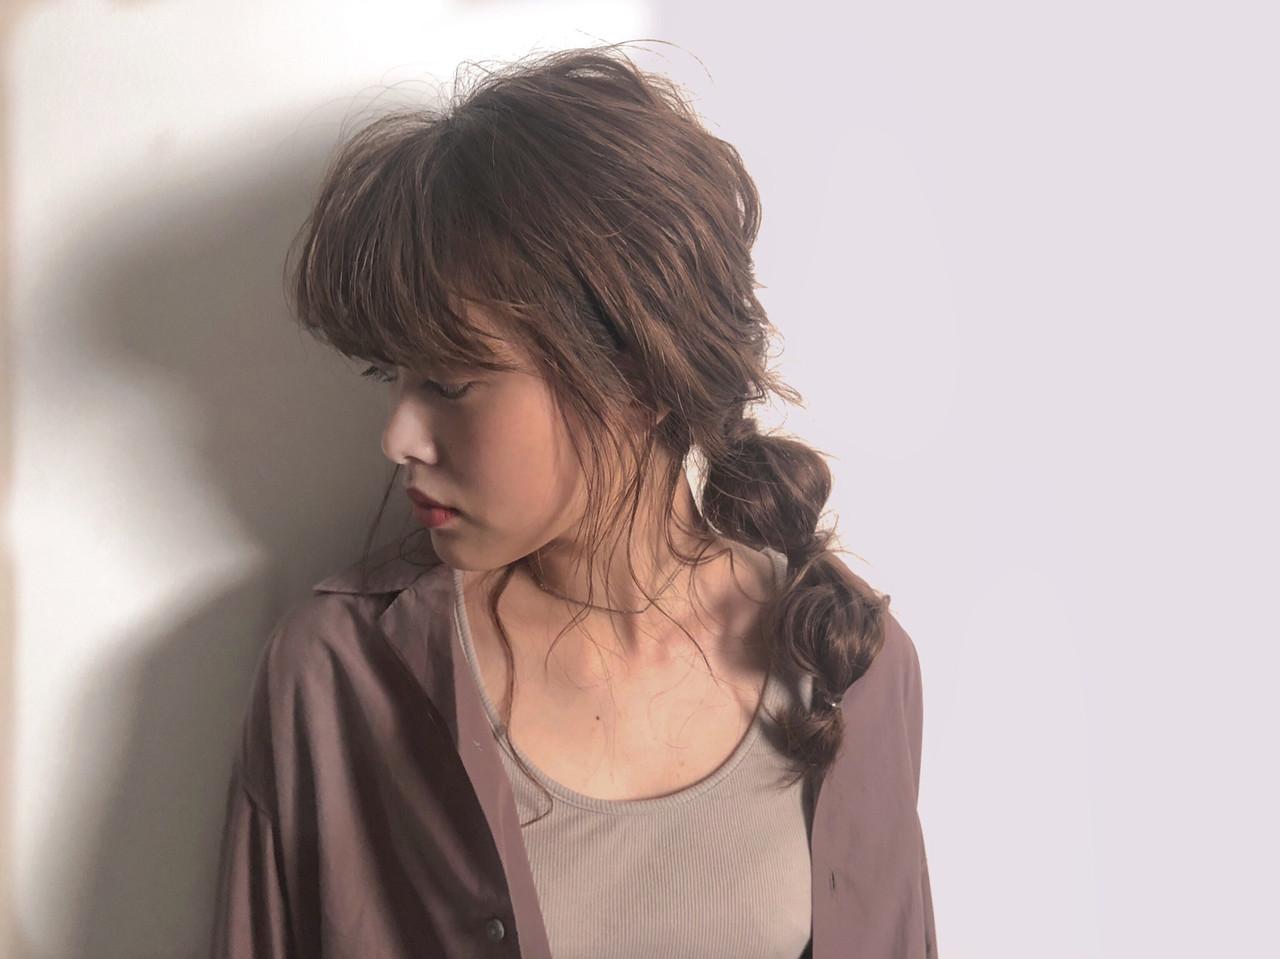 抜け感 透け感ヘア セミロング オシャレ ヘアスタイルや髪型の写真・画像